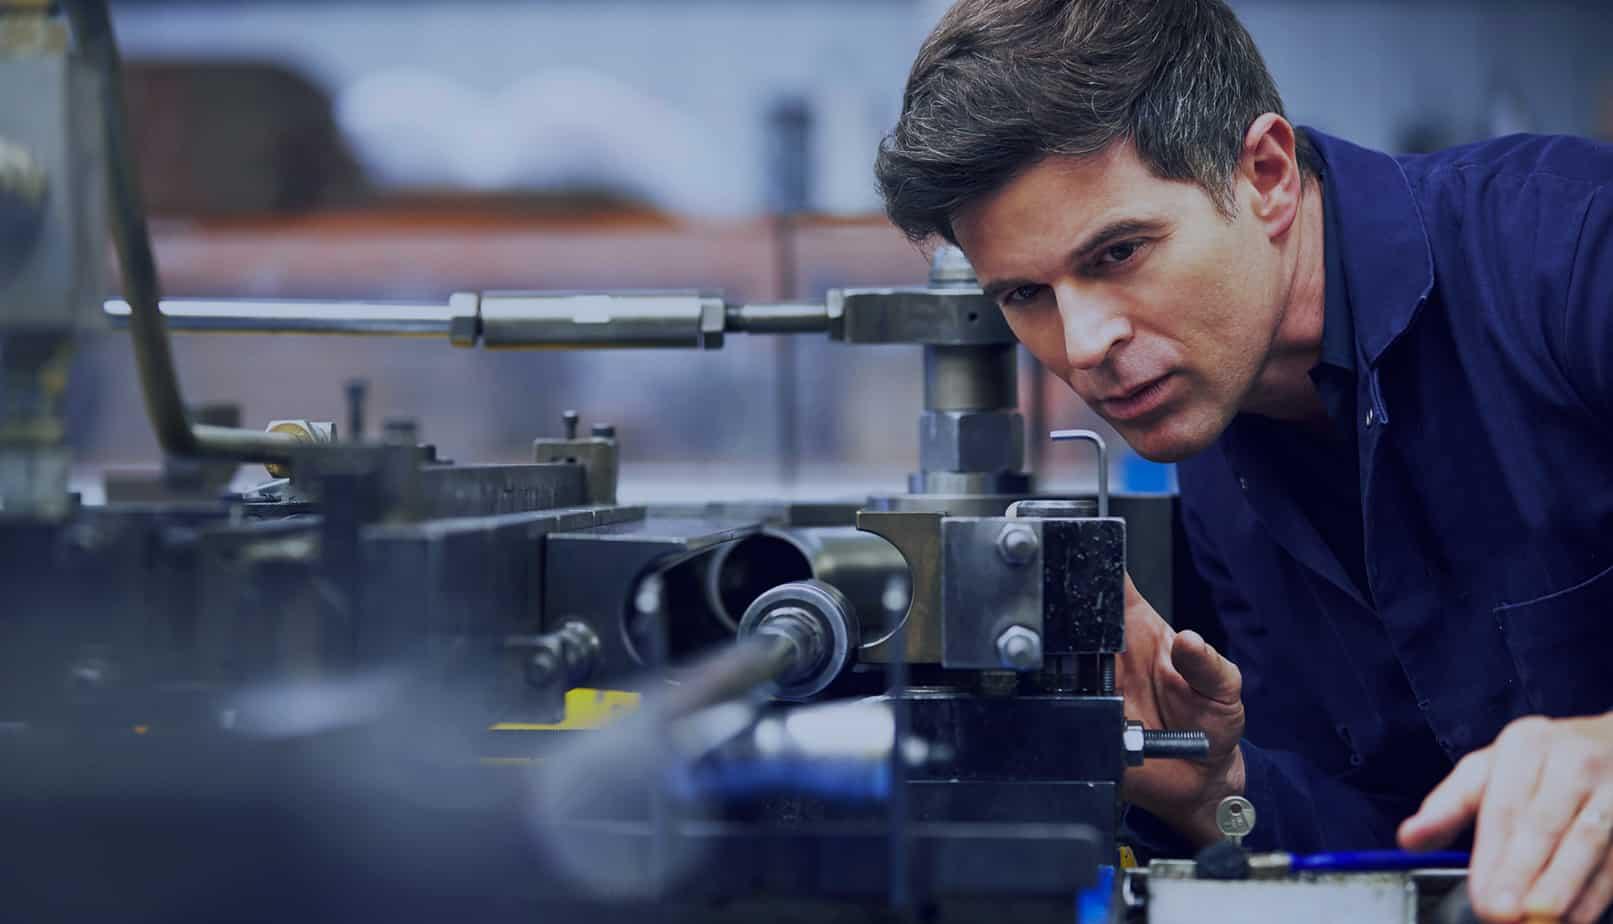 technicien procédant au test d'un système hydraulique